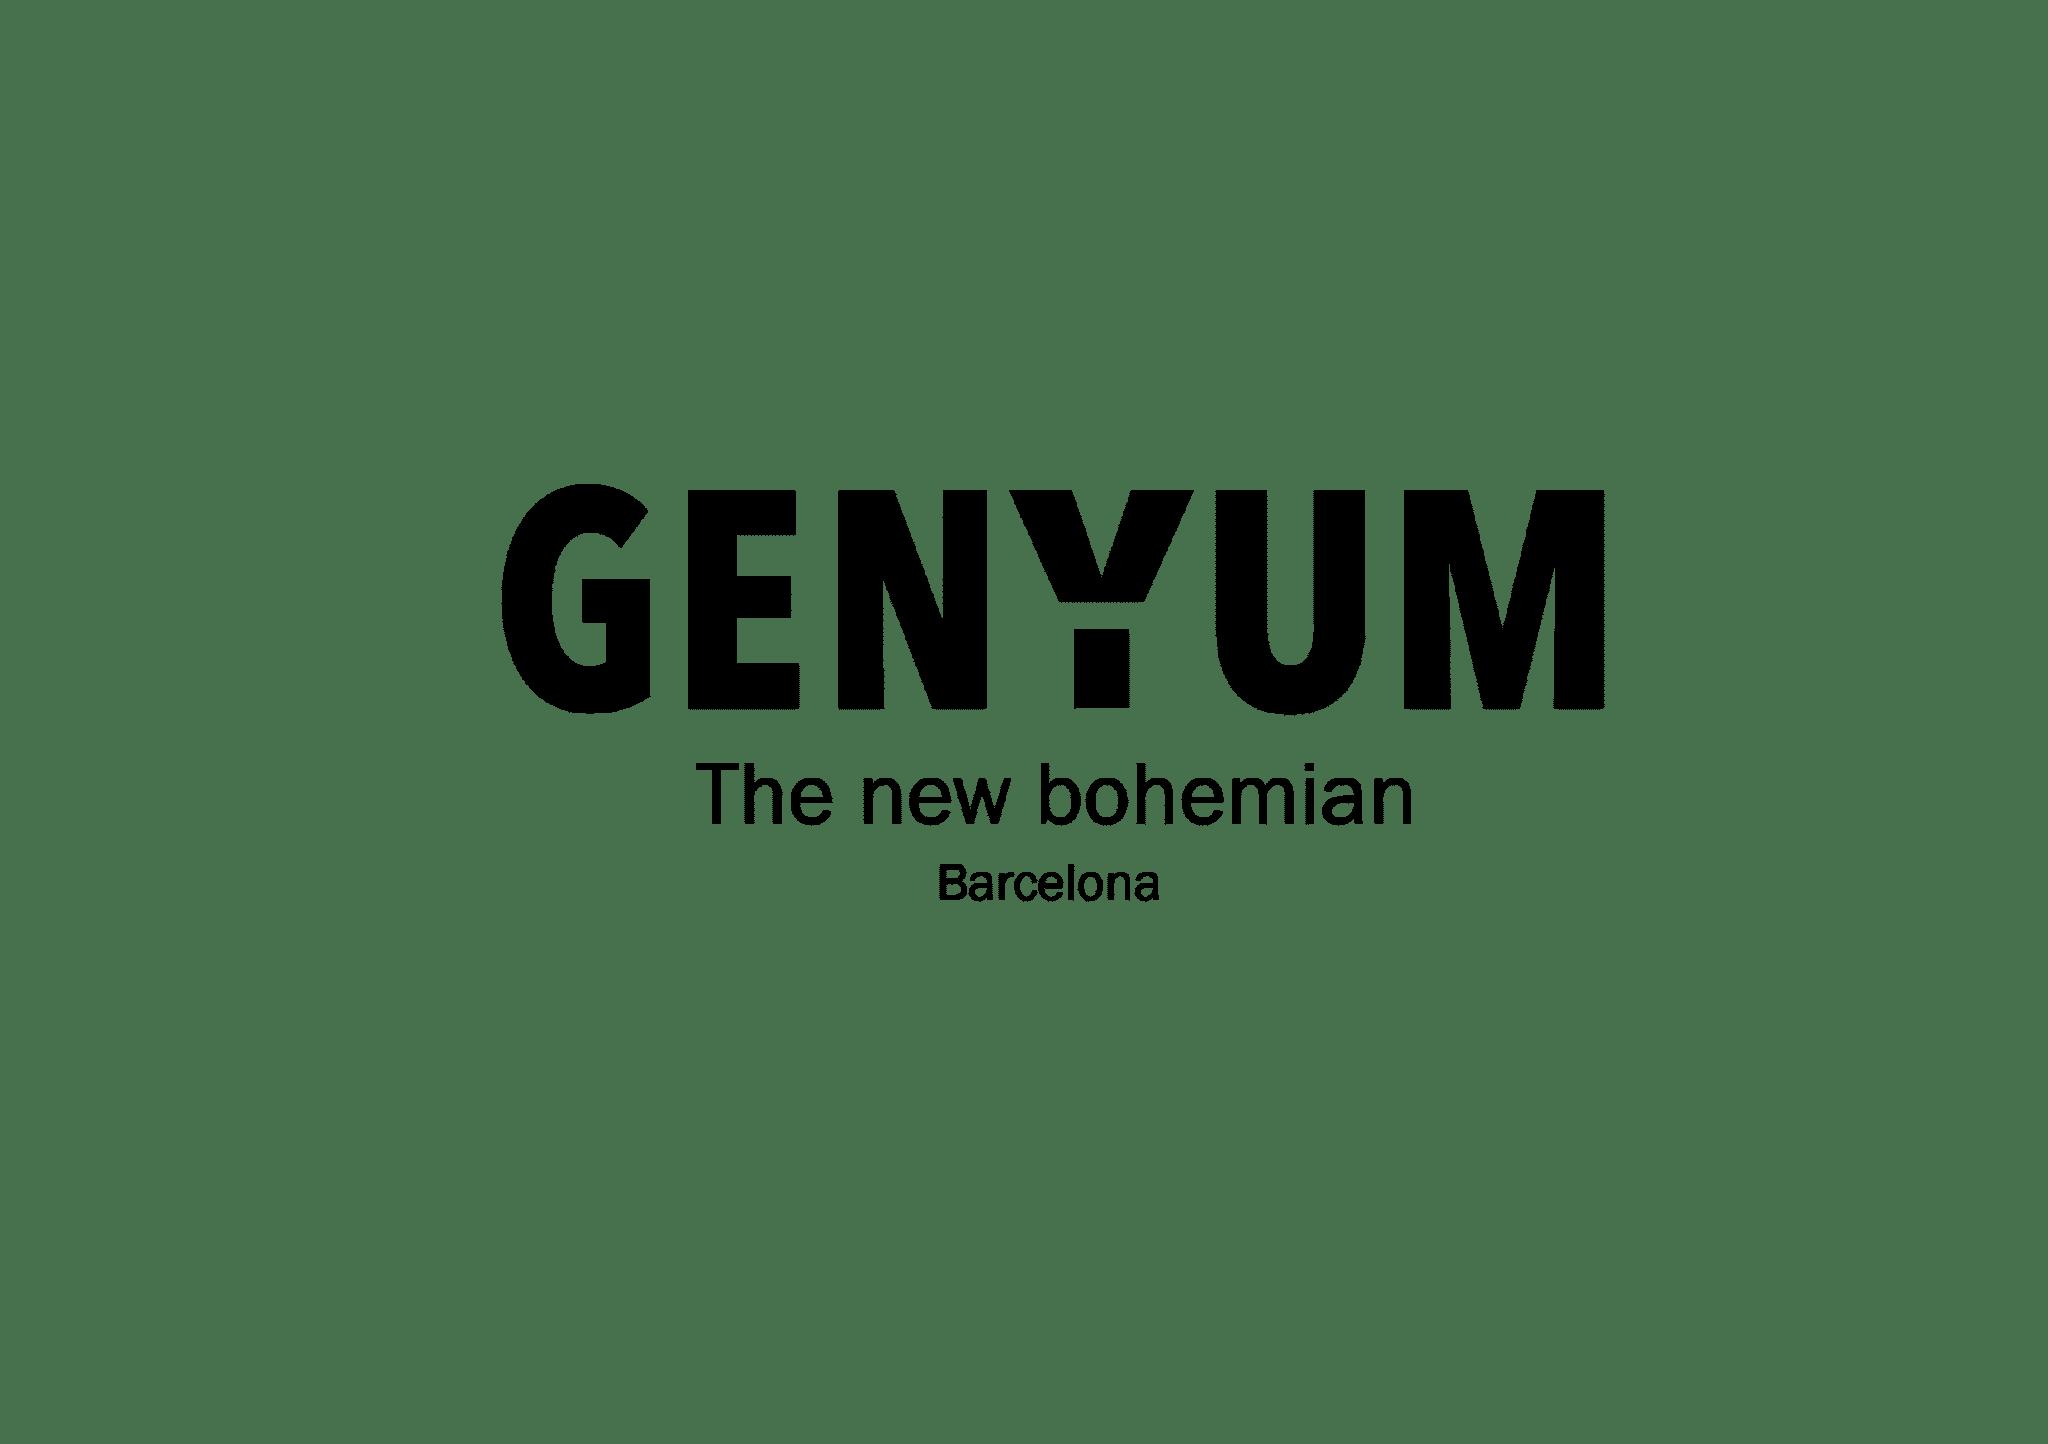 Logotipo de GENYUM